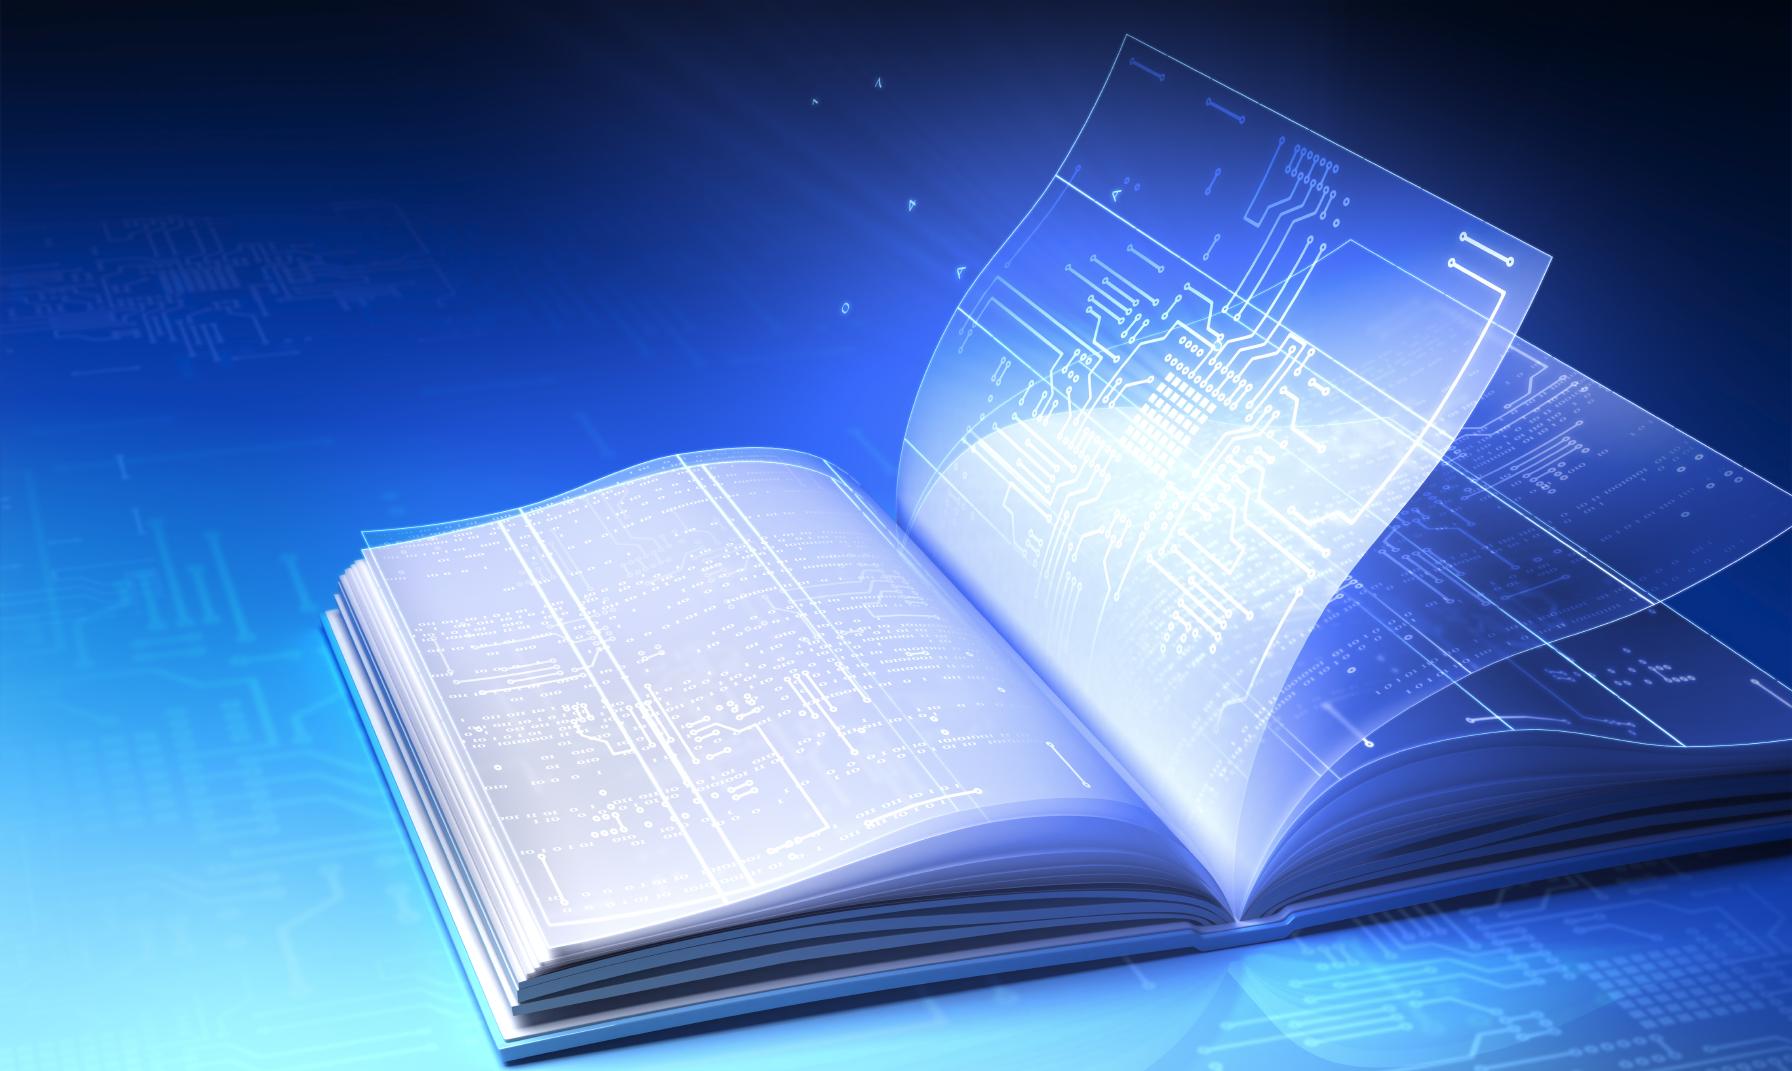 digital-book